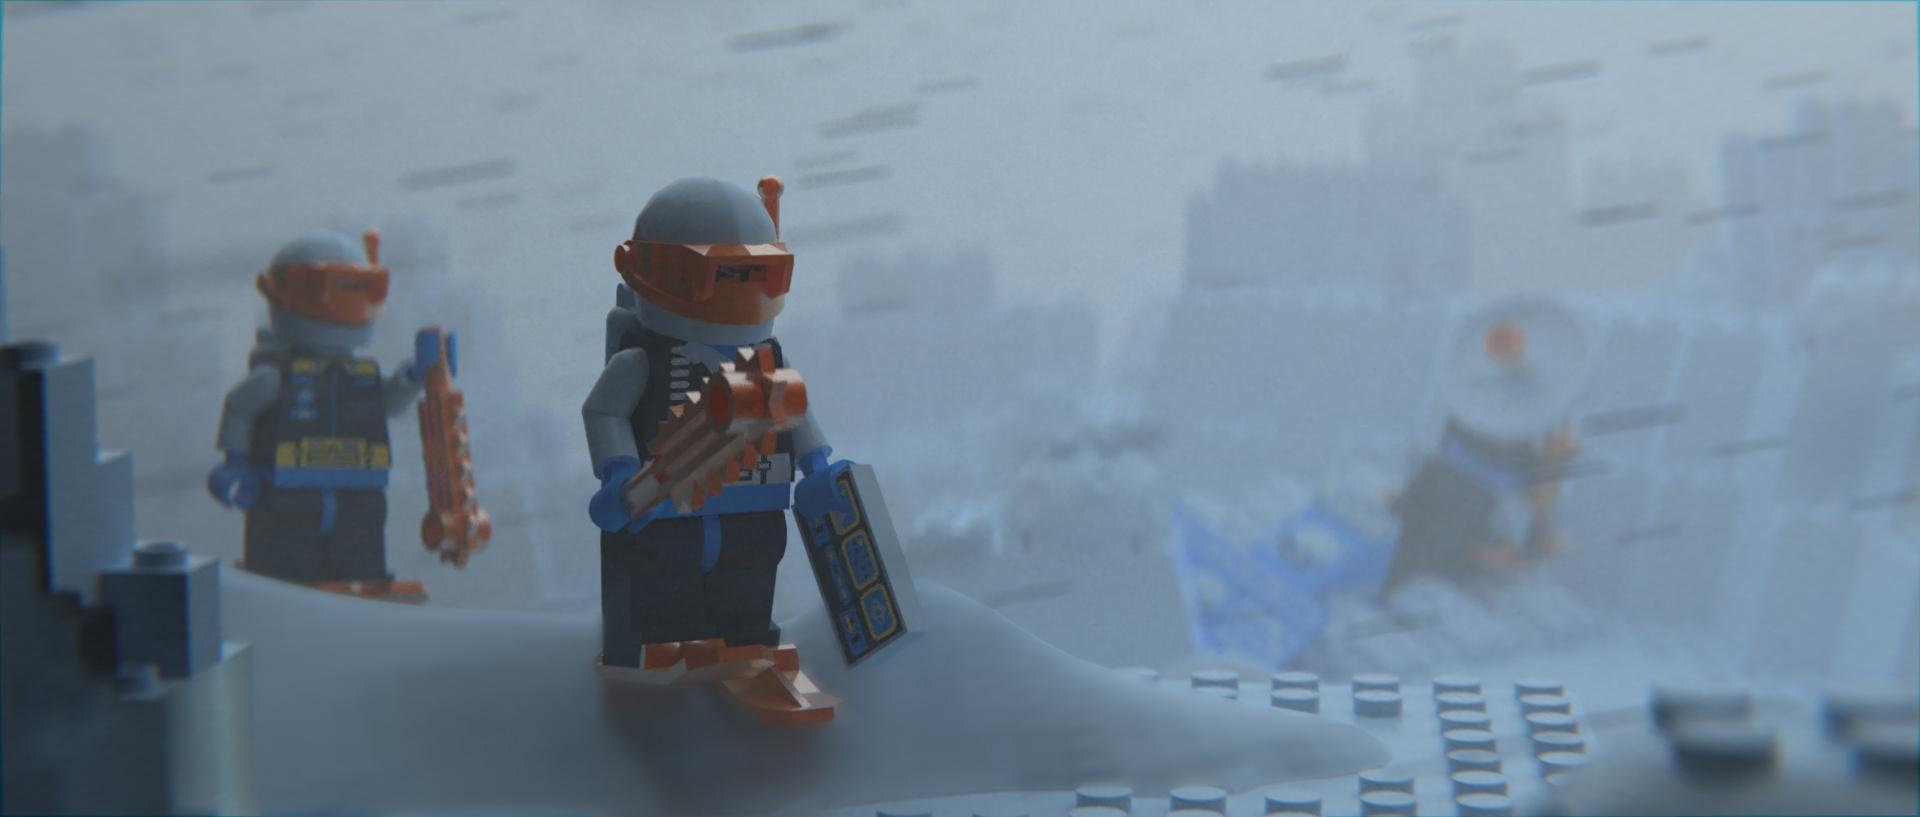 IcePlanet_II_N.jpg